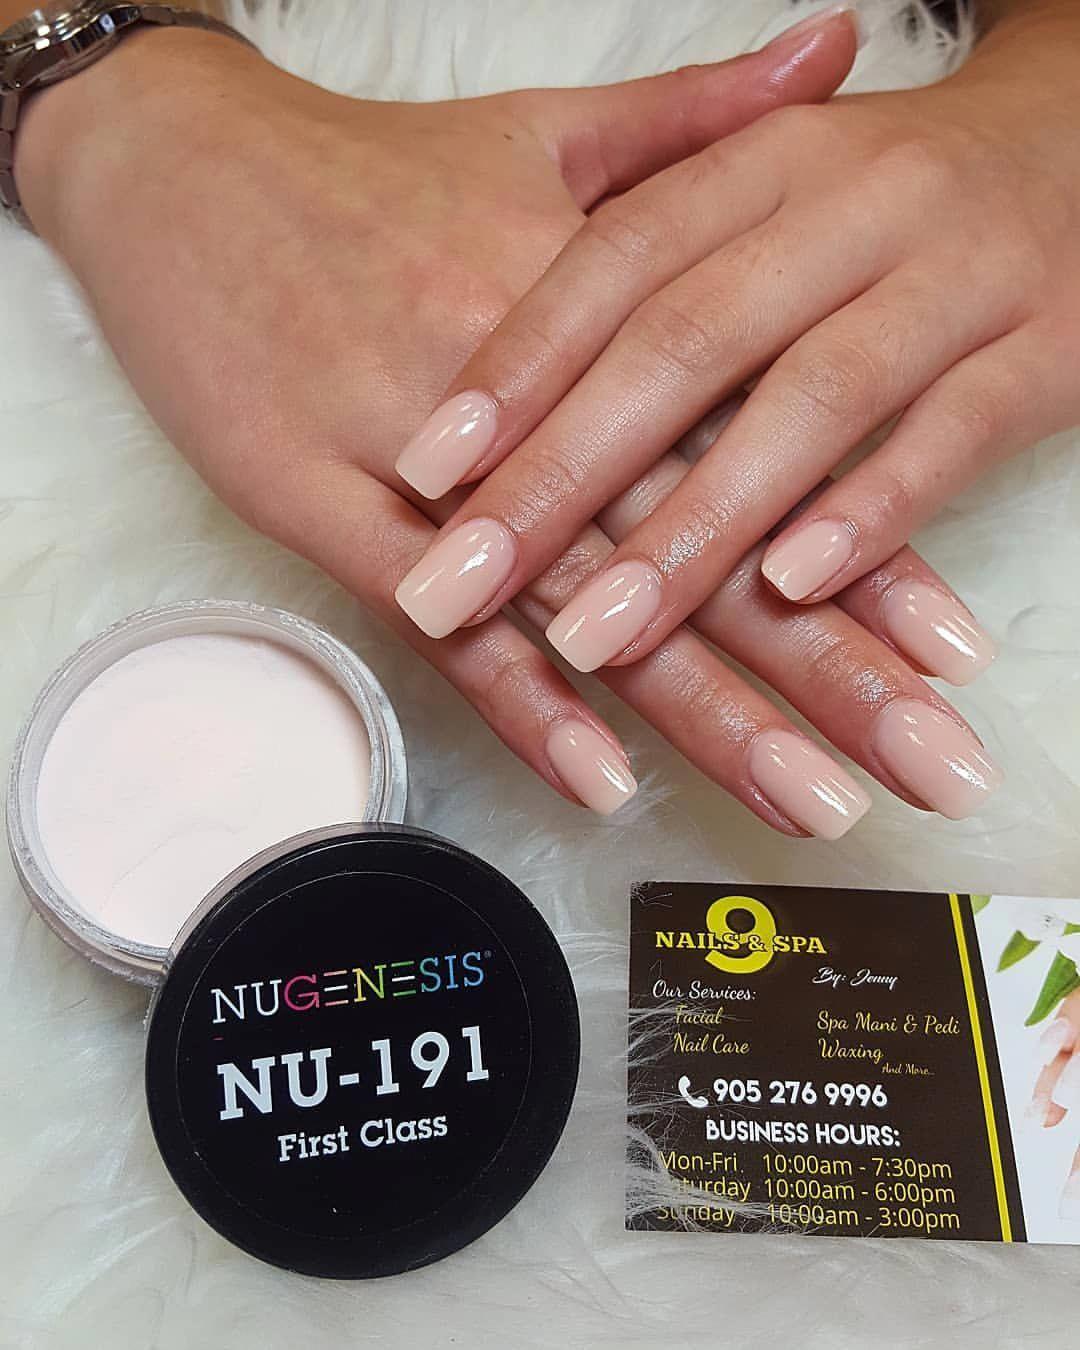 Nugenesis 9nails Spa Nails Nugenesis Dippowdernails Dippowder Mississauga Jennyshopp Salon Or Nail Dipping Powder Colors Sns Nails Colors Dipped Nails